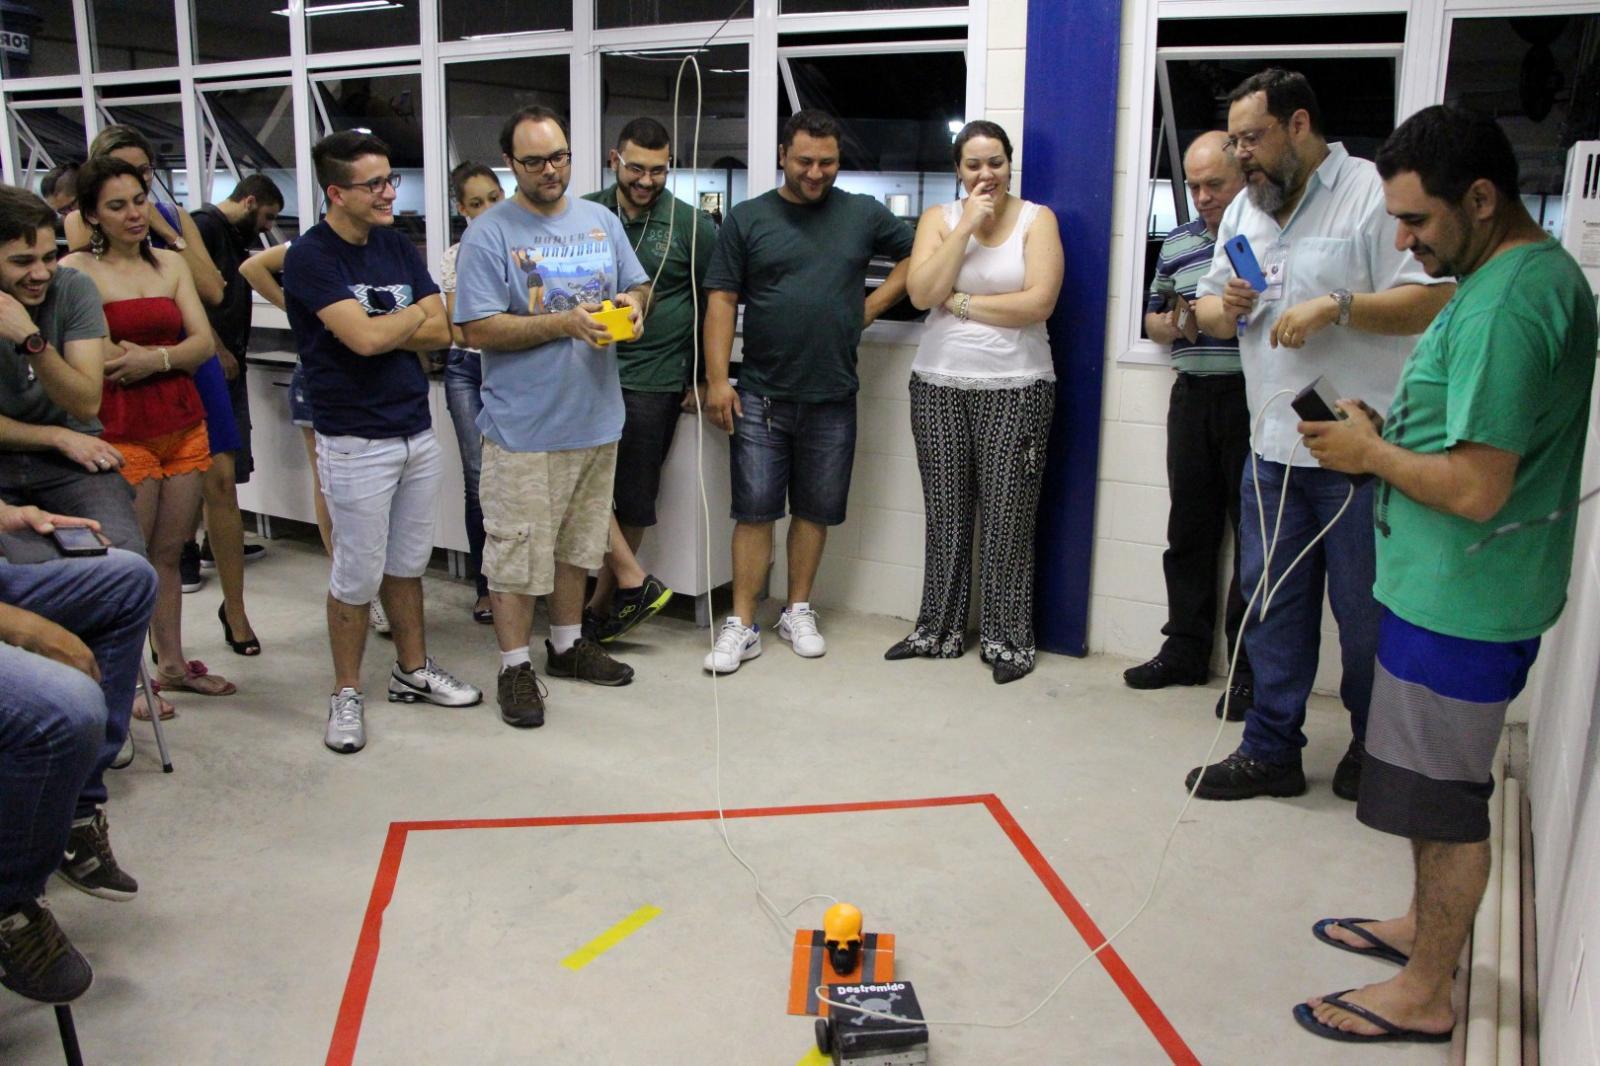 1ª Disputa de Robôs revela projetos com autonomia de funcionamento e estratégia de jogo